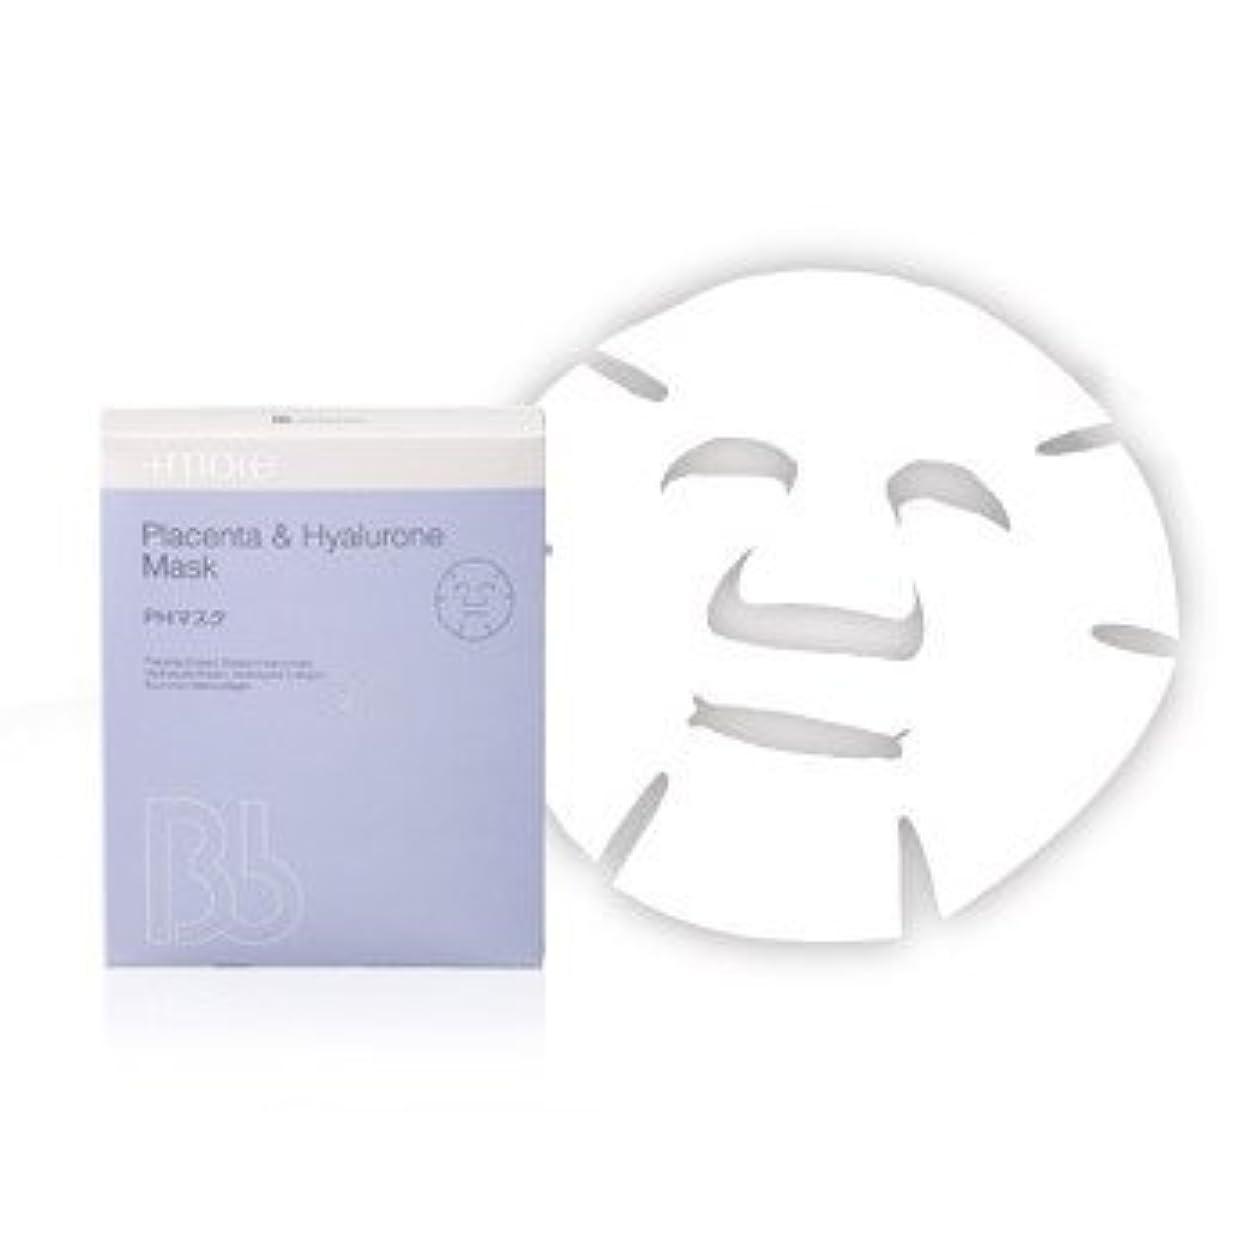 モーションファンタジー切断するBbラボラトリーズ プラセンタ ヒアルロンマスク PHマスク(パック) 30ml 4枚入り